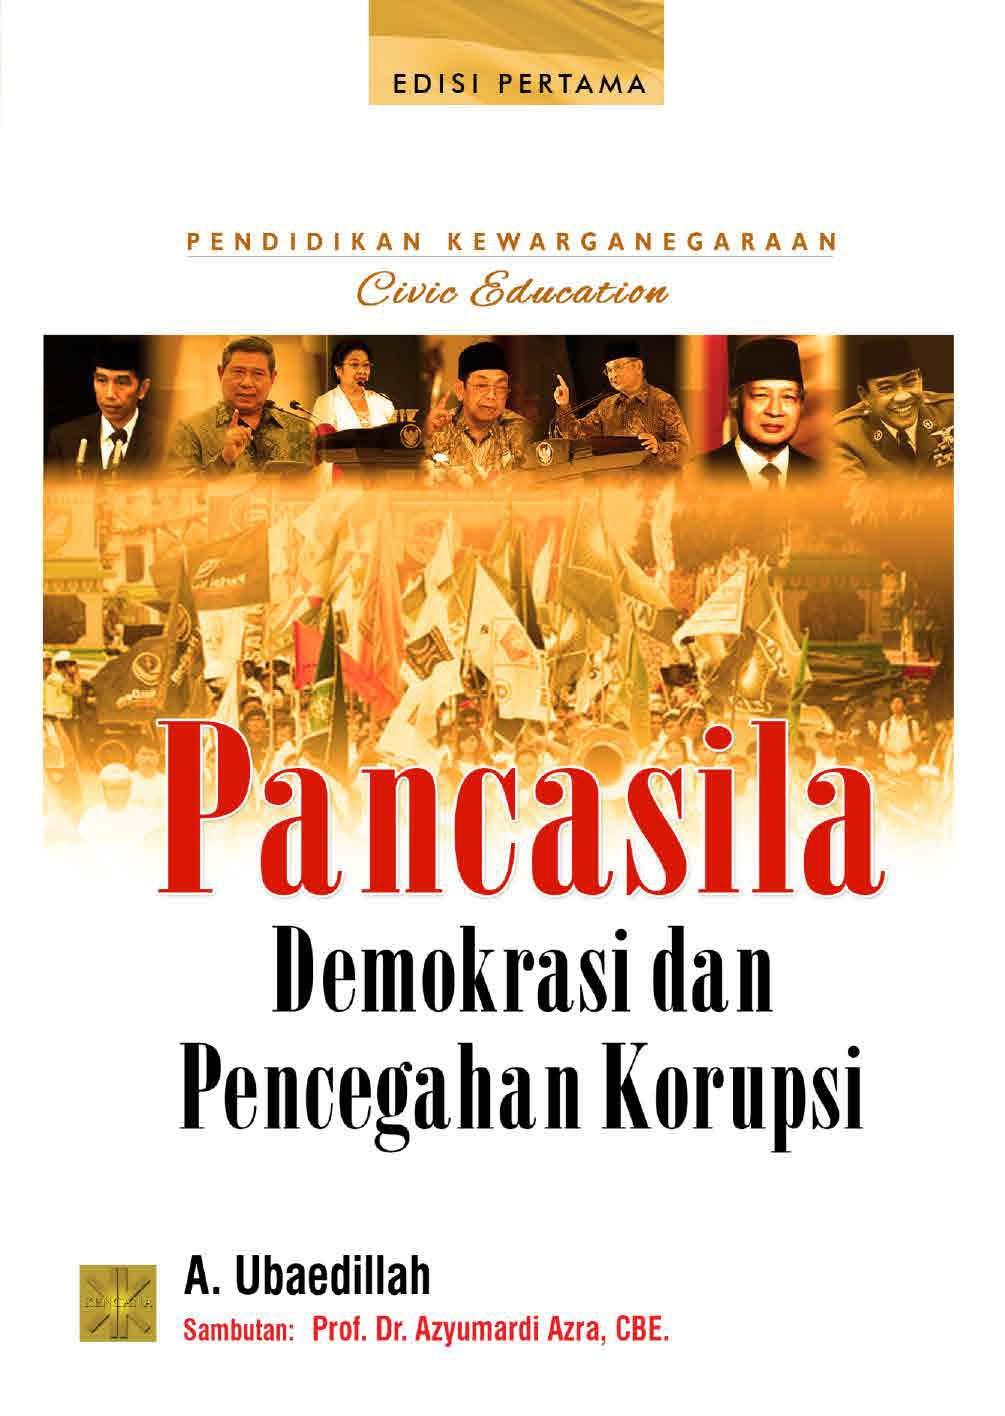 Jual Buku Pendidikan Kewarganegaraan Pancasila, Demokrasi ...